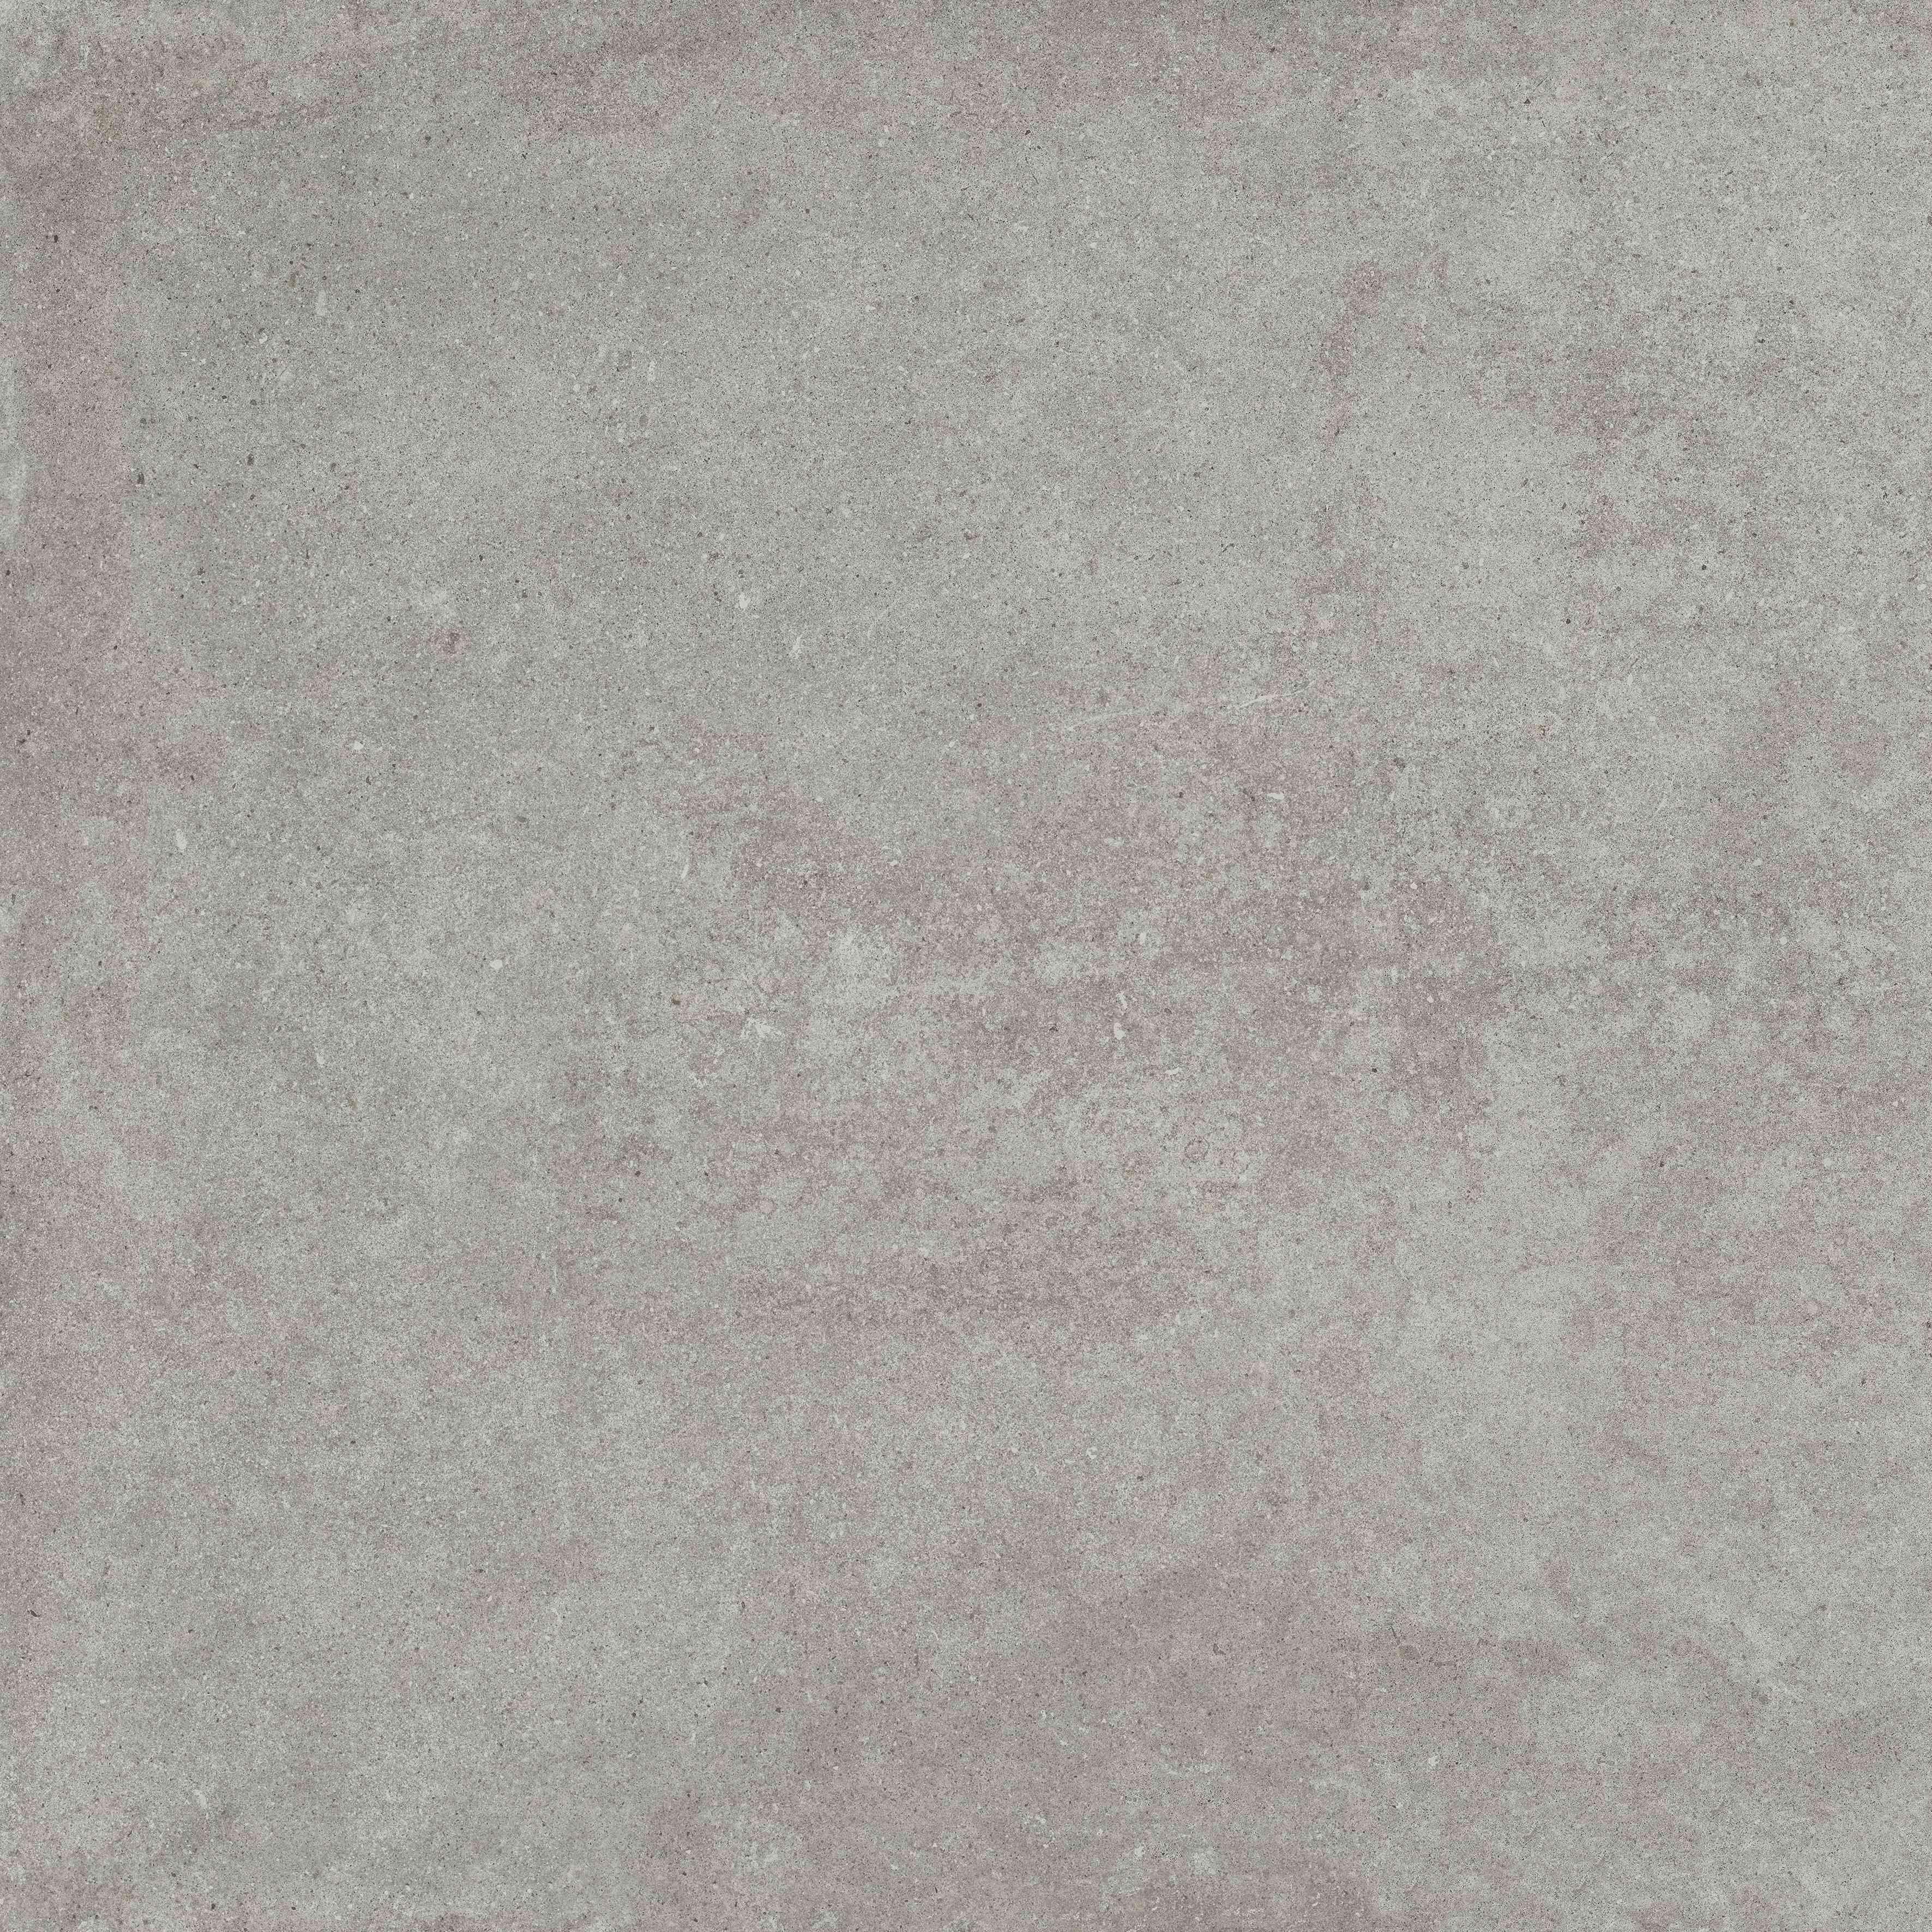 Керамогранит Zeus Ceramicа Concrete Grigio 60х60 Zrxrm8r